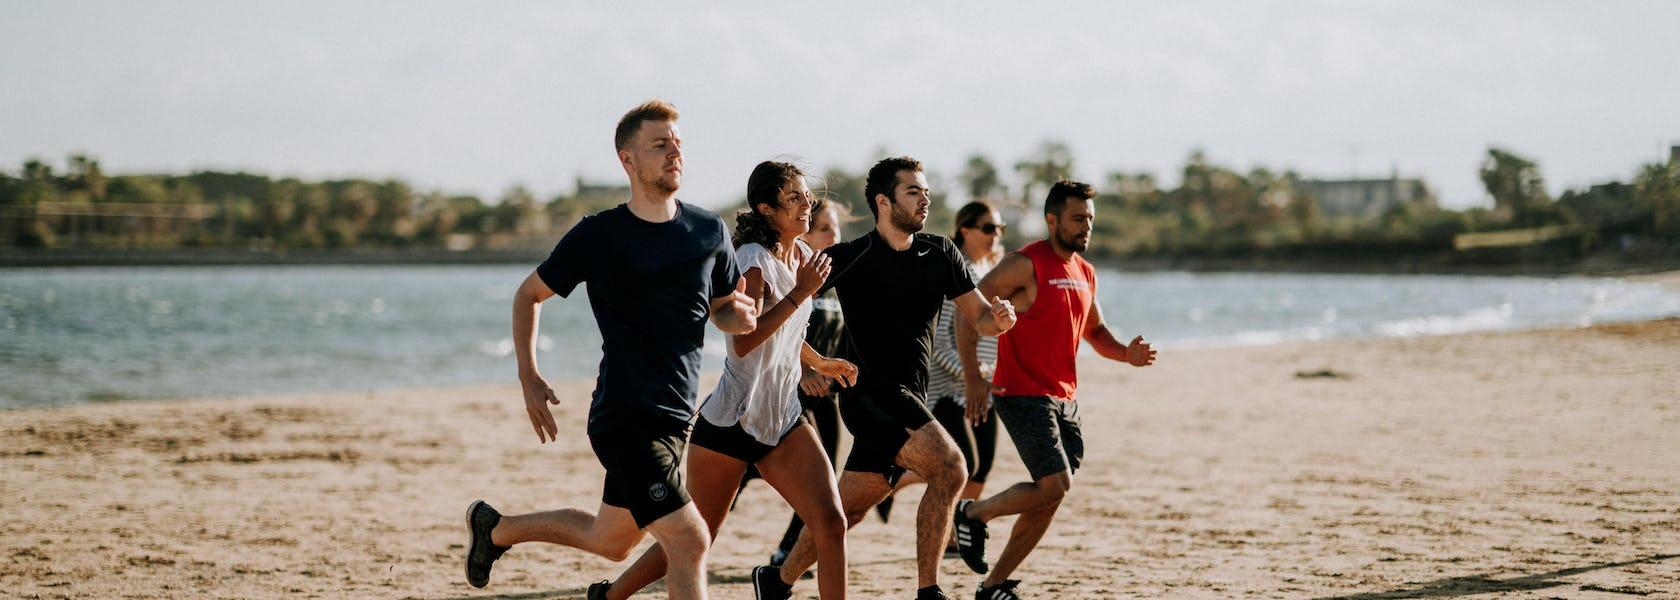 productividad y ejercicio